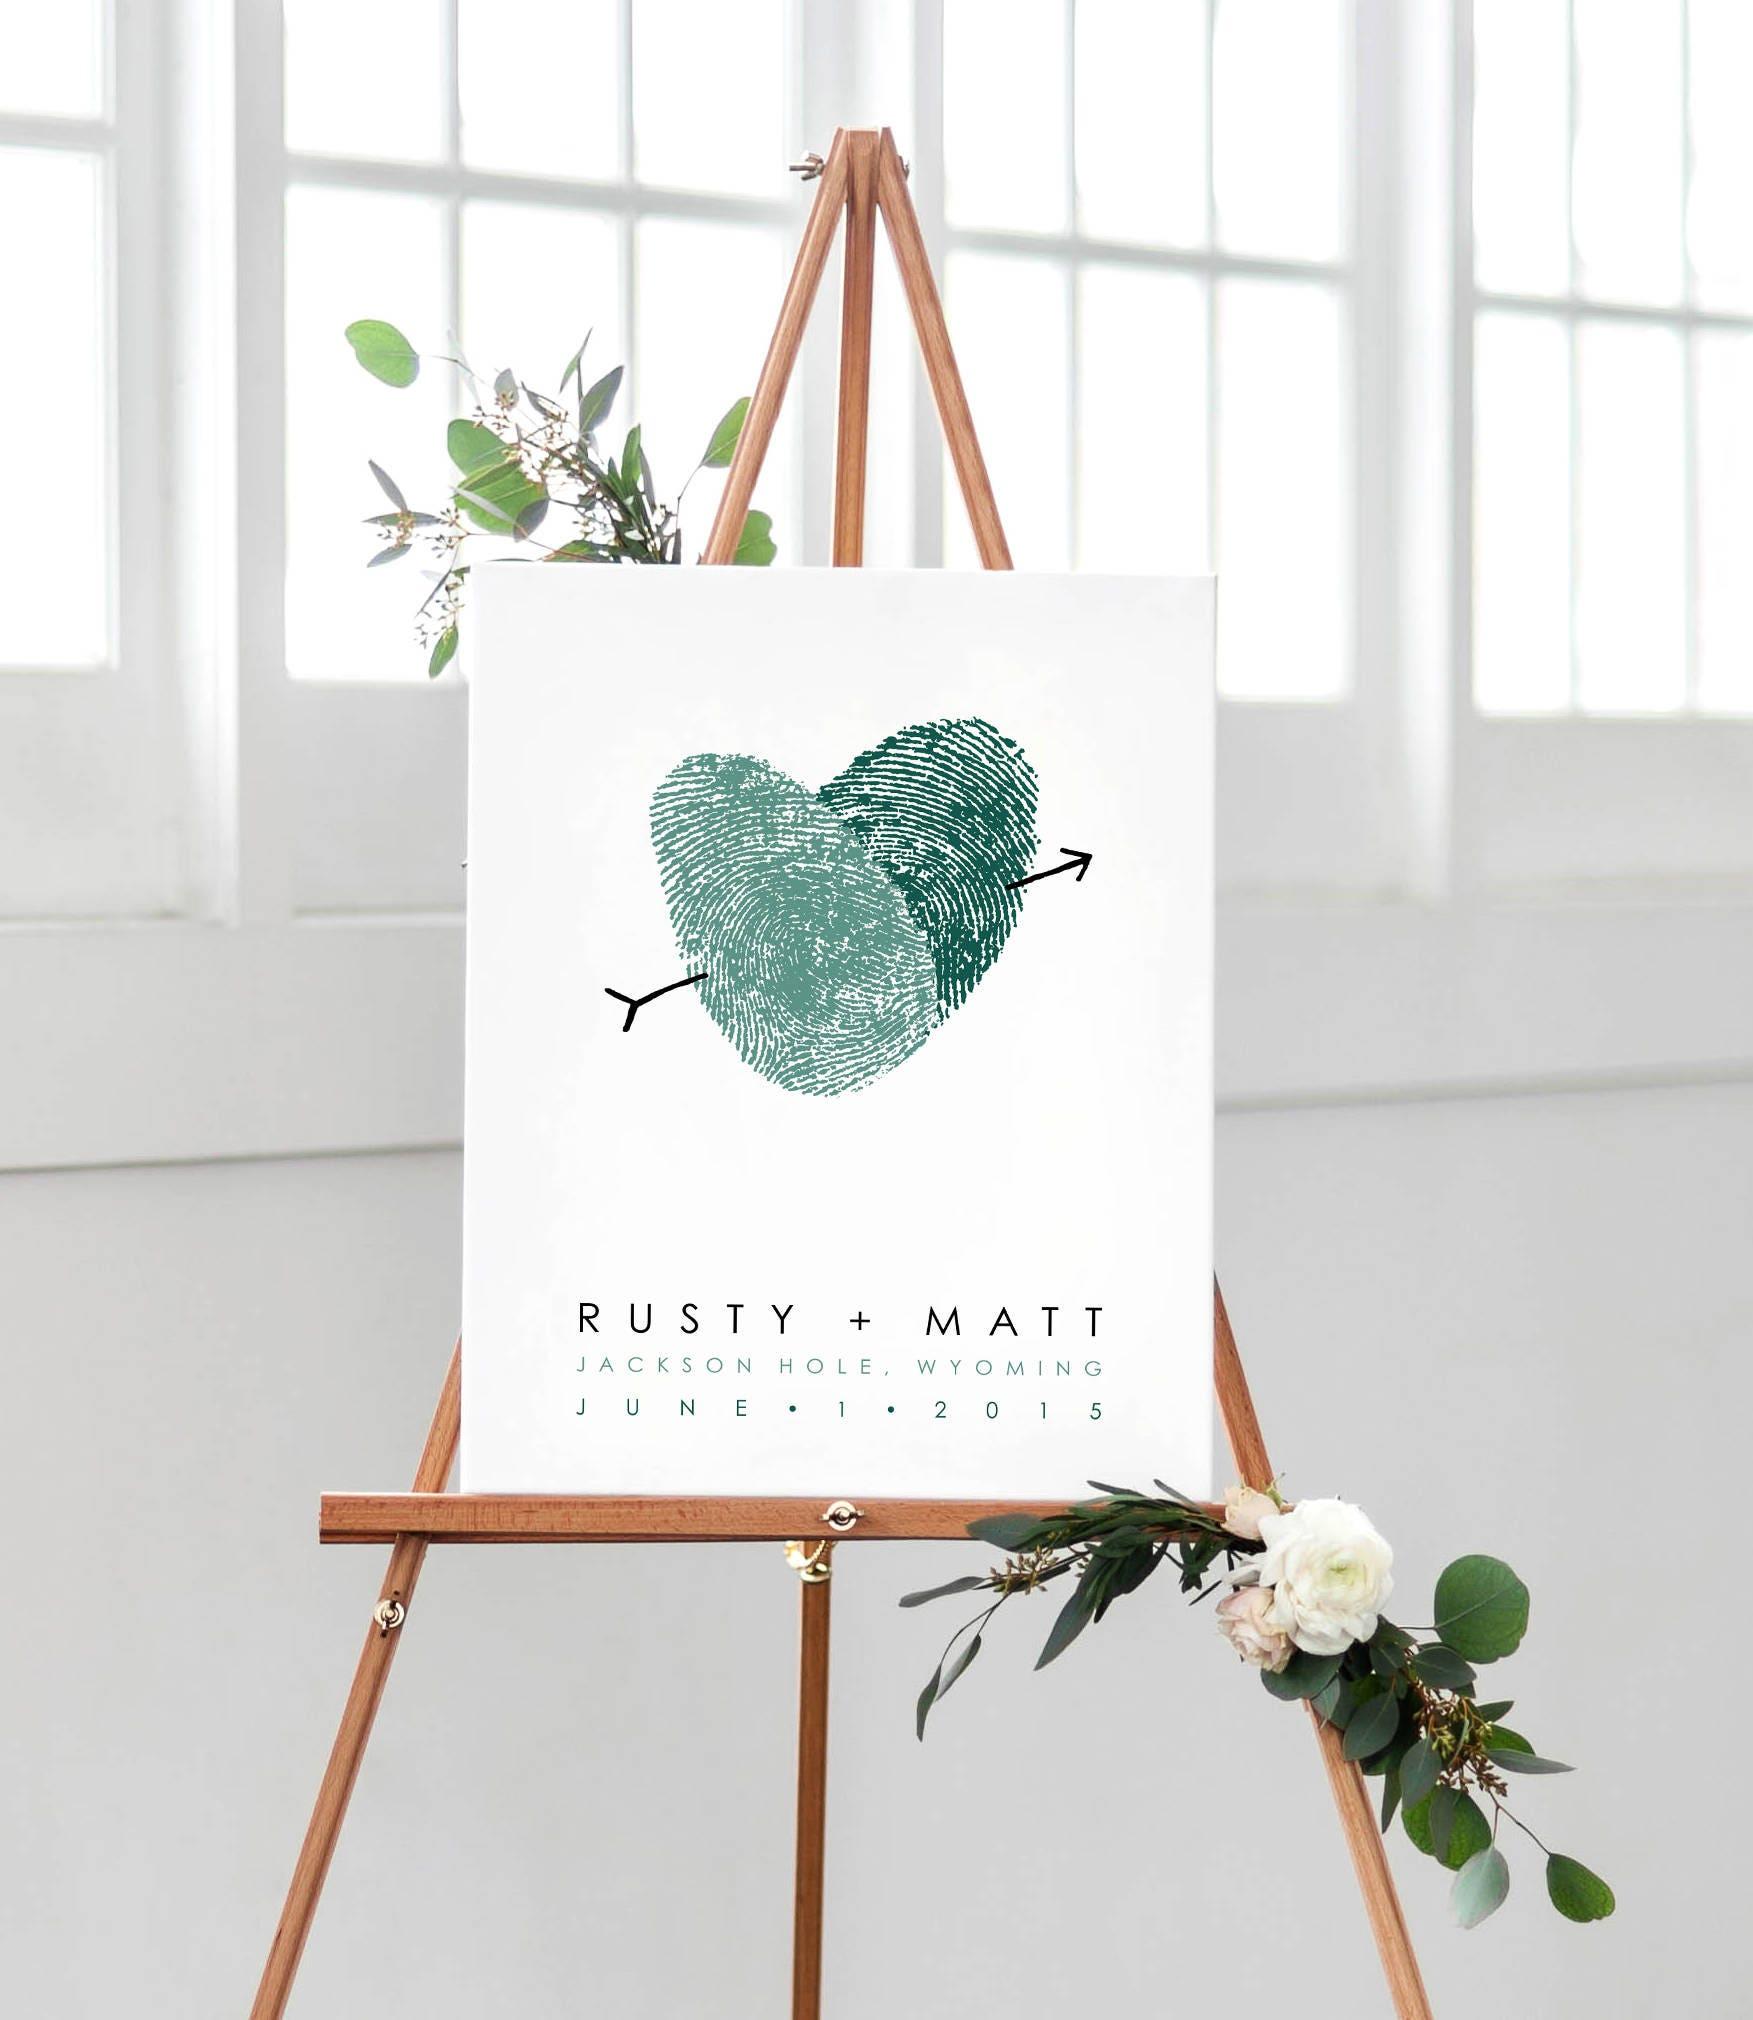 Wedding Guest Signature Ideas: Canvas Wedding Sign Fingerprint Wedding Guest Book Poster